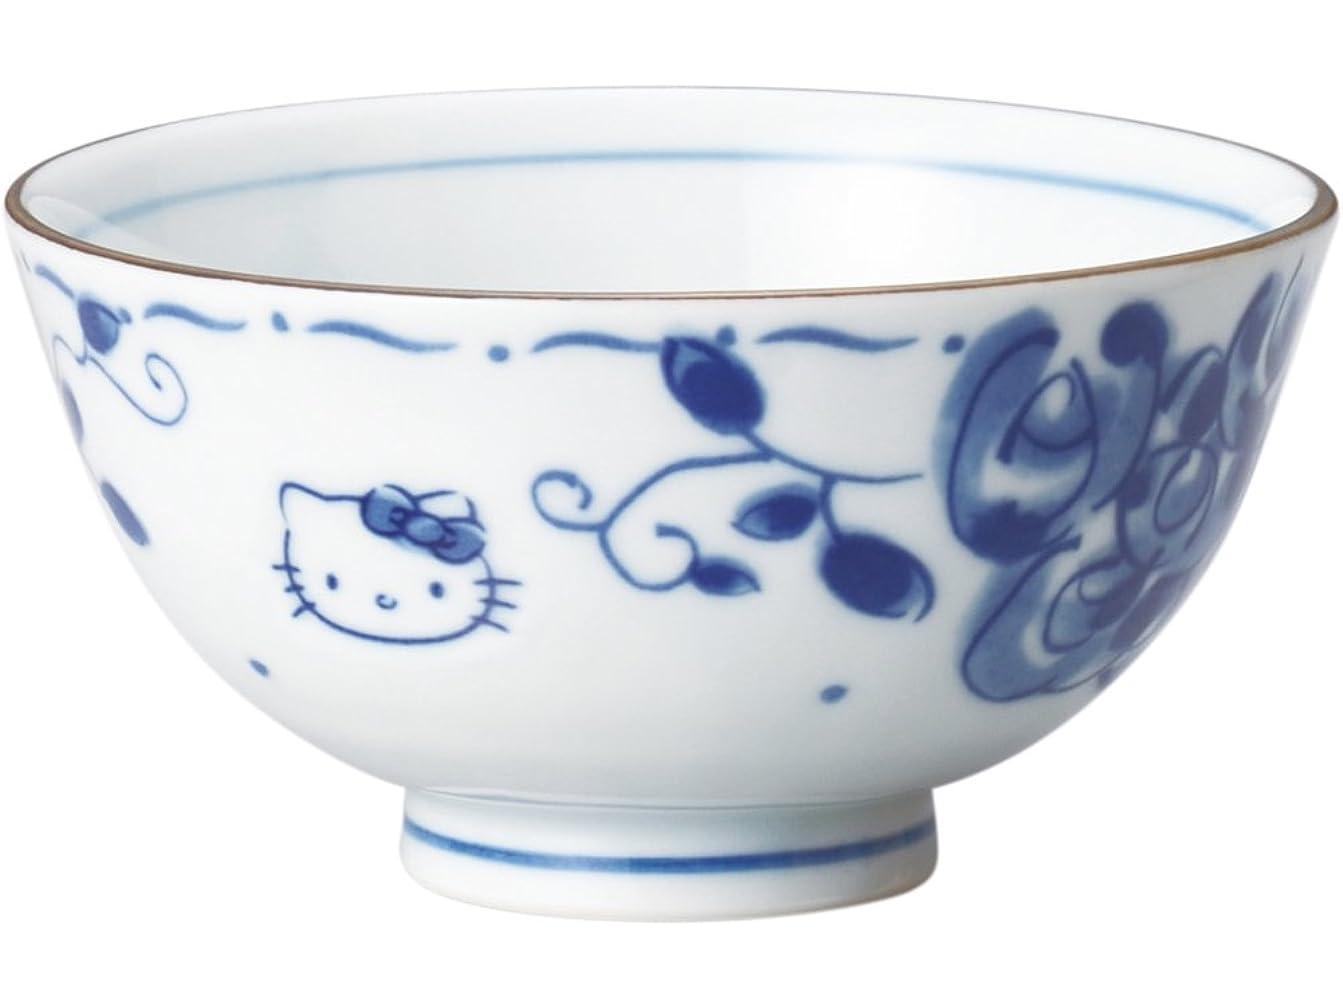 フライト移行破壊するサンリオ(SANRIO) 「 Hello Kitty(ハローキティ) 」 キティ ブルーローズ(染付) お茶碗(化粧箱入) 直径11cm 白 307131